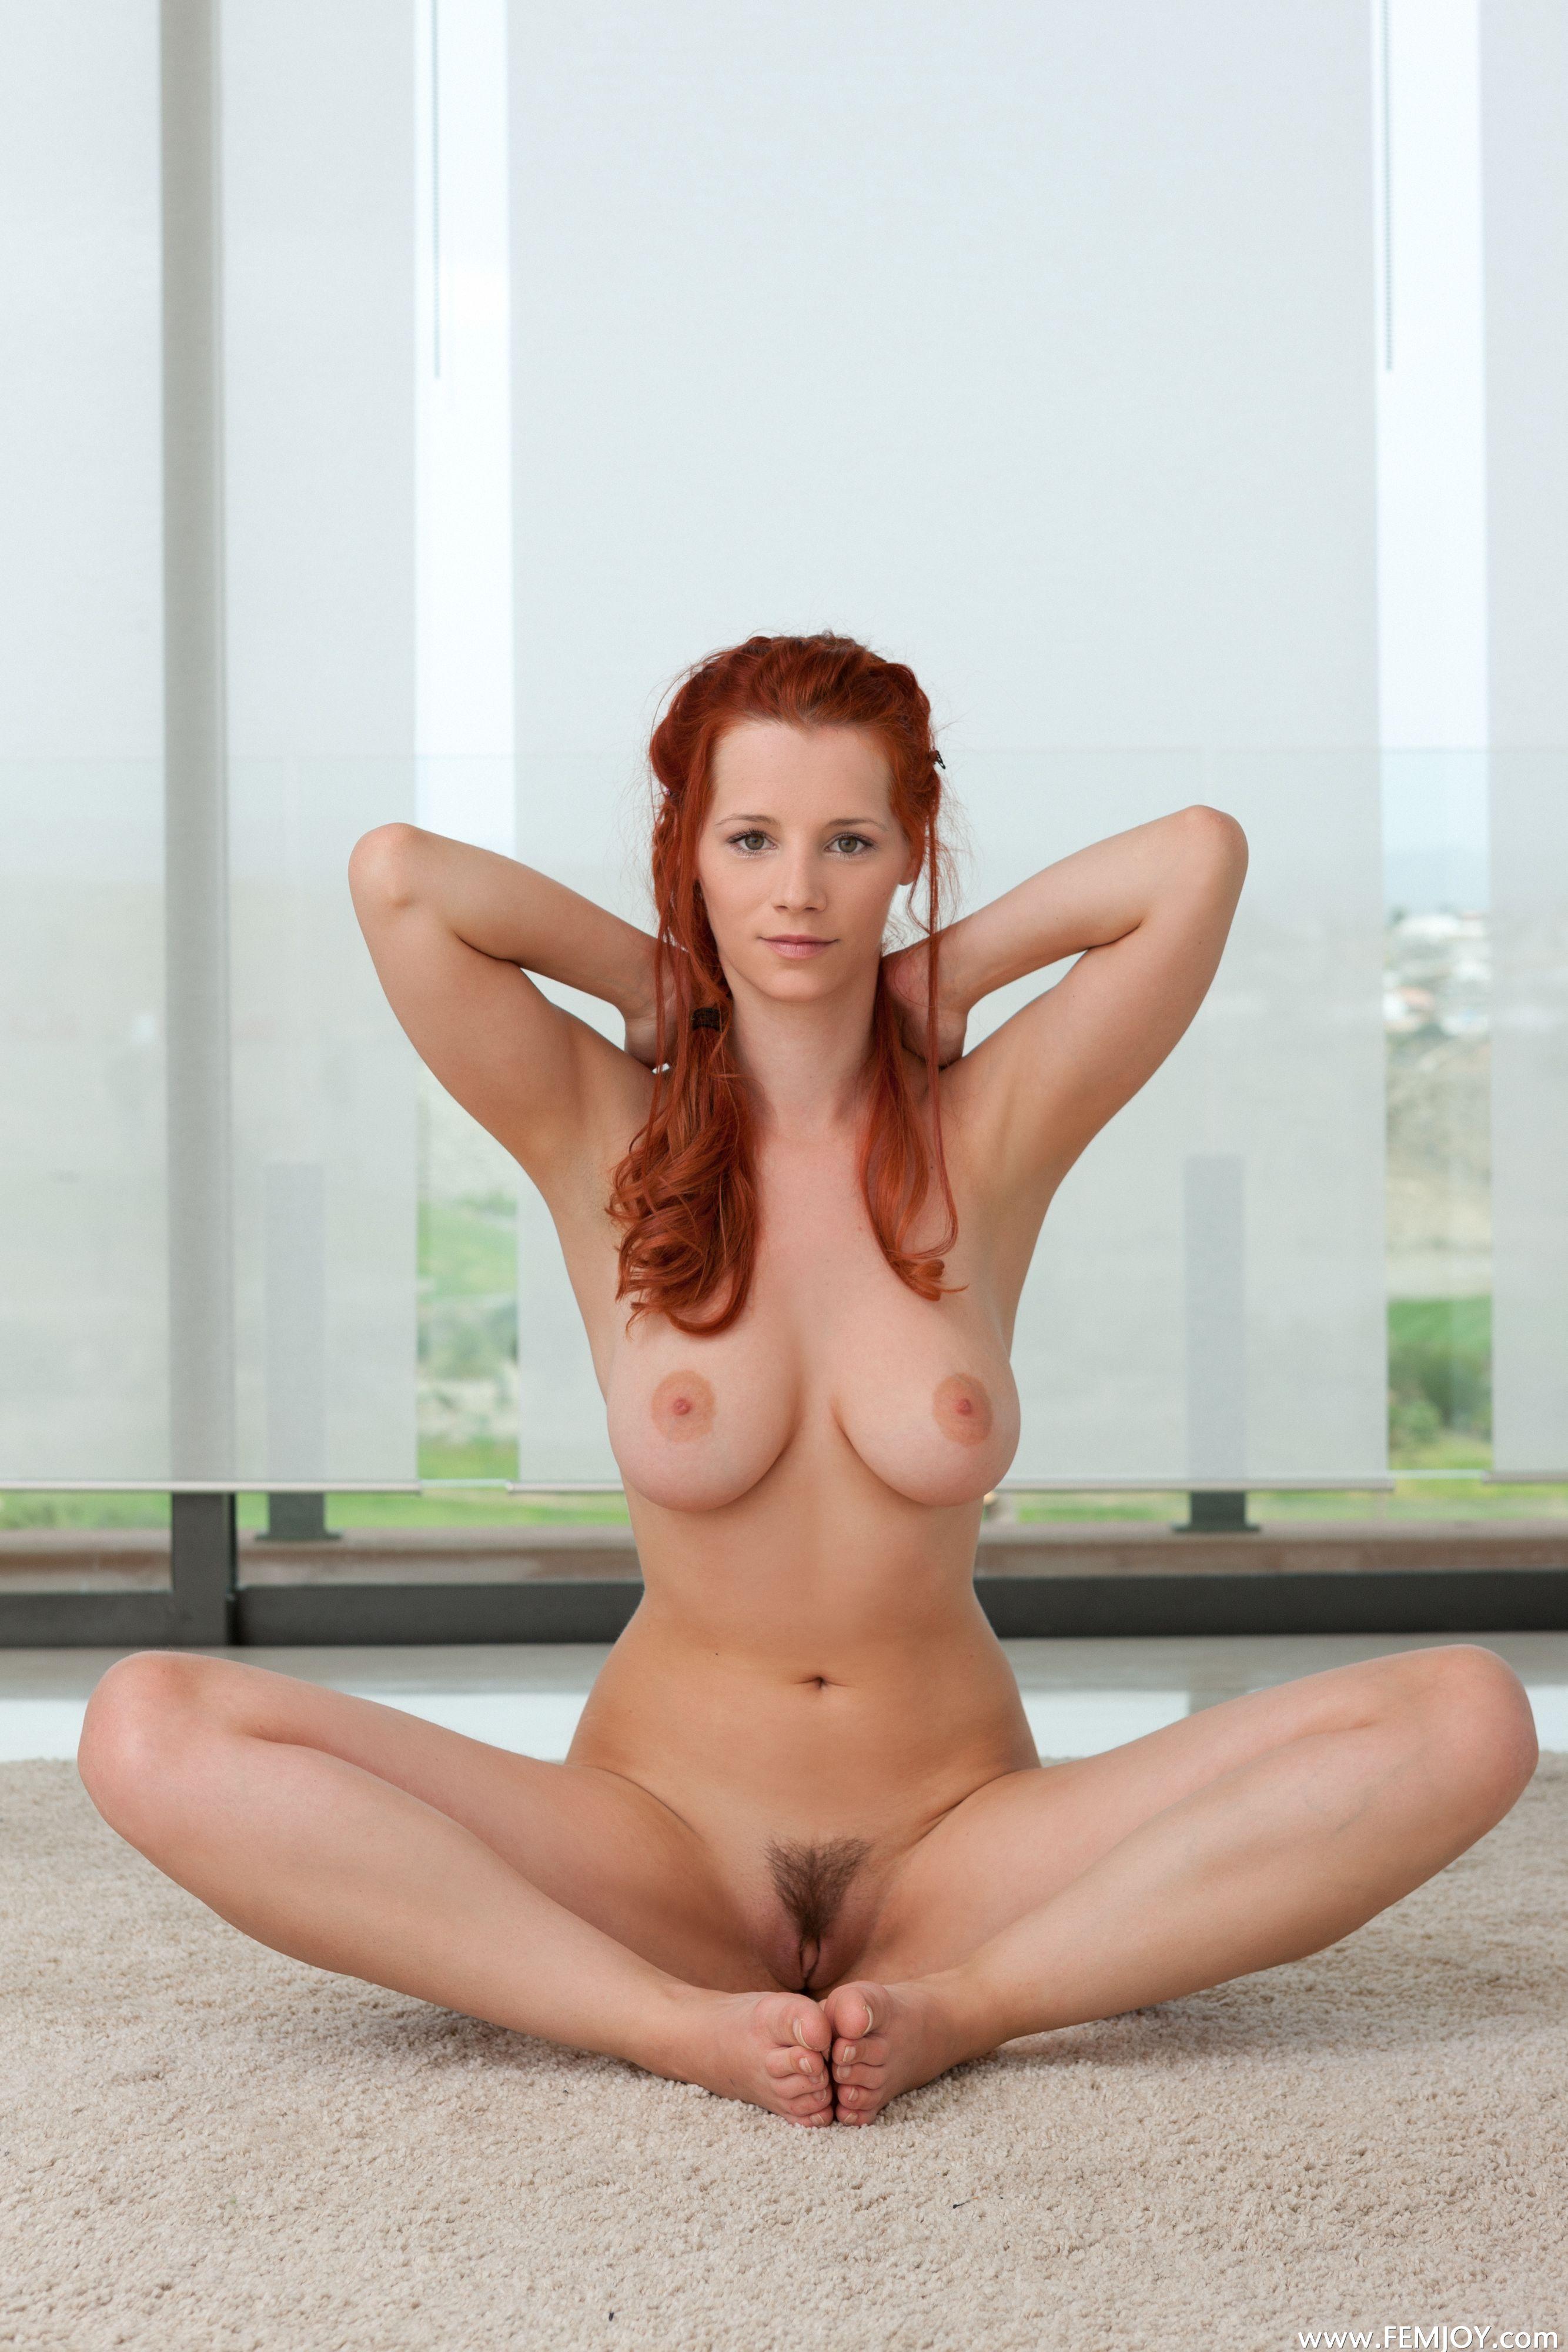 Рыжеволосая порно актриса 27 фотография